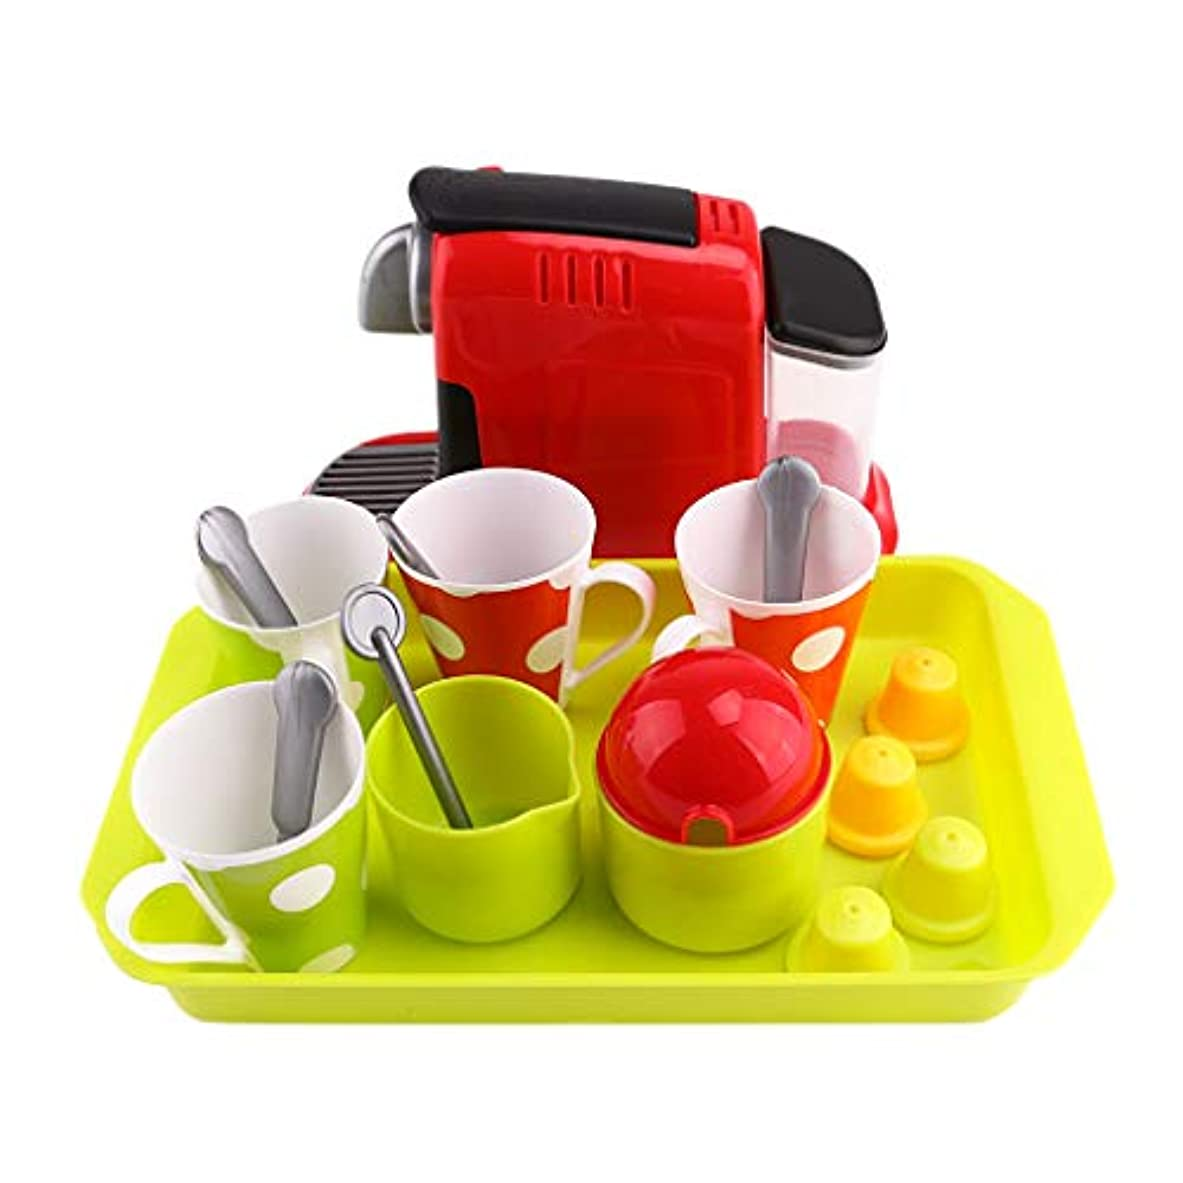 トマトピカリングスラム街シミュレーション コーヒーメーカー プラスチック スプーン トレイ ロールプレイ ゲーム